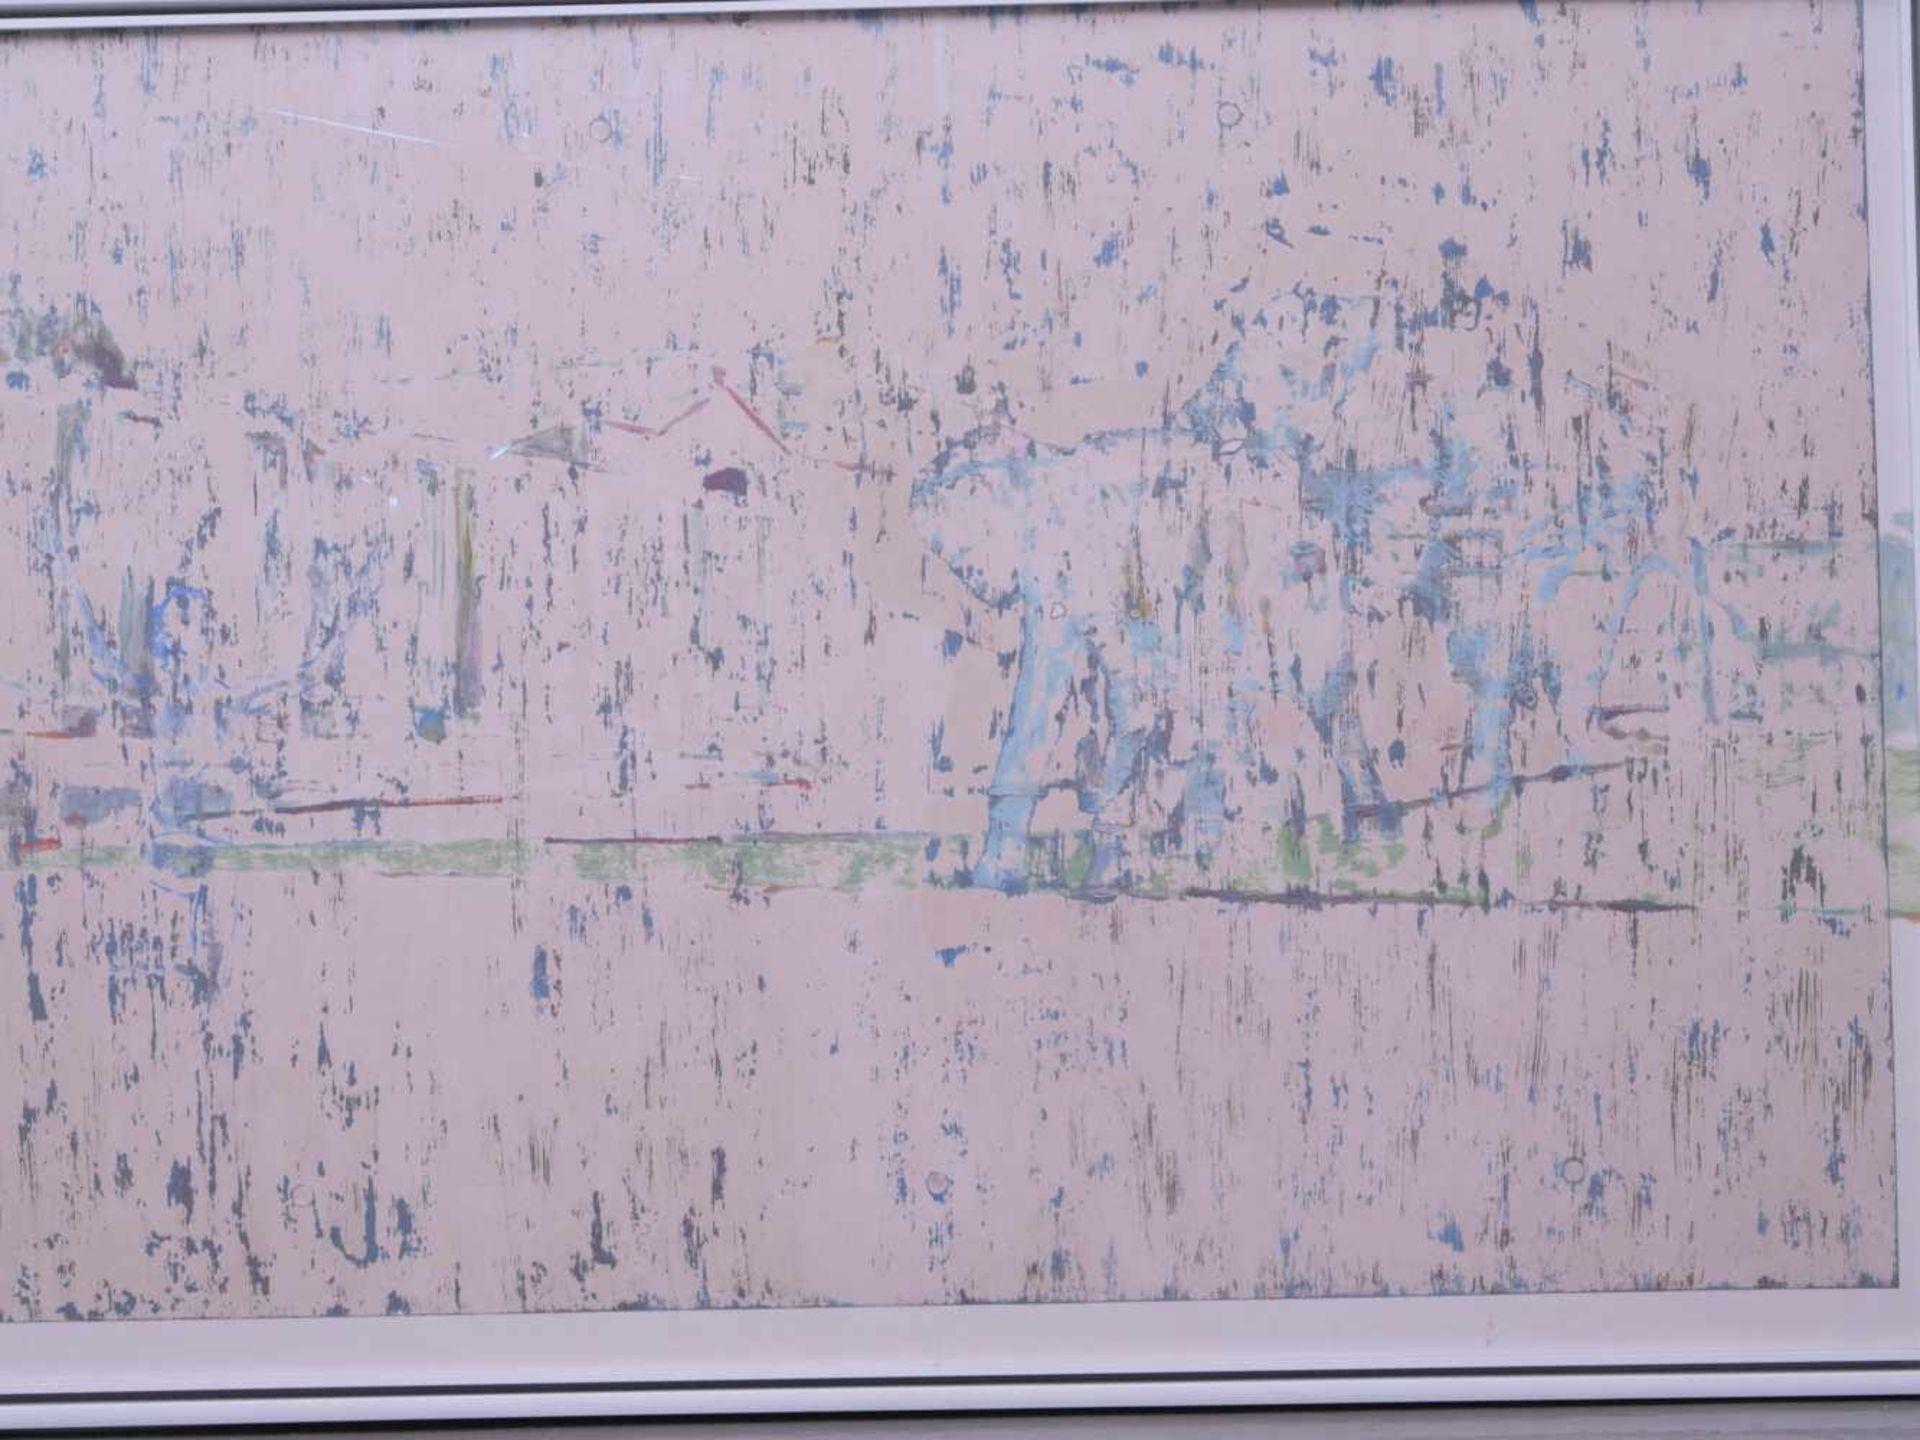 Dauphin, Peter genannt Muth (Nürnberg 1957) - Großformatiges Gemälde SavanneAbstraktes Querformat, - Bild 2 aus 3